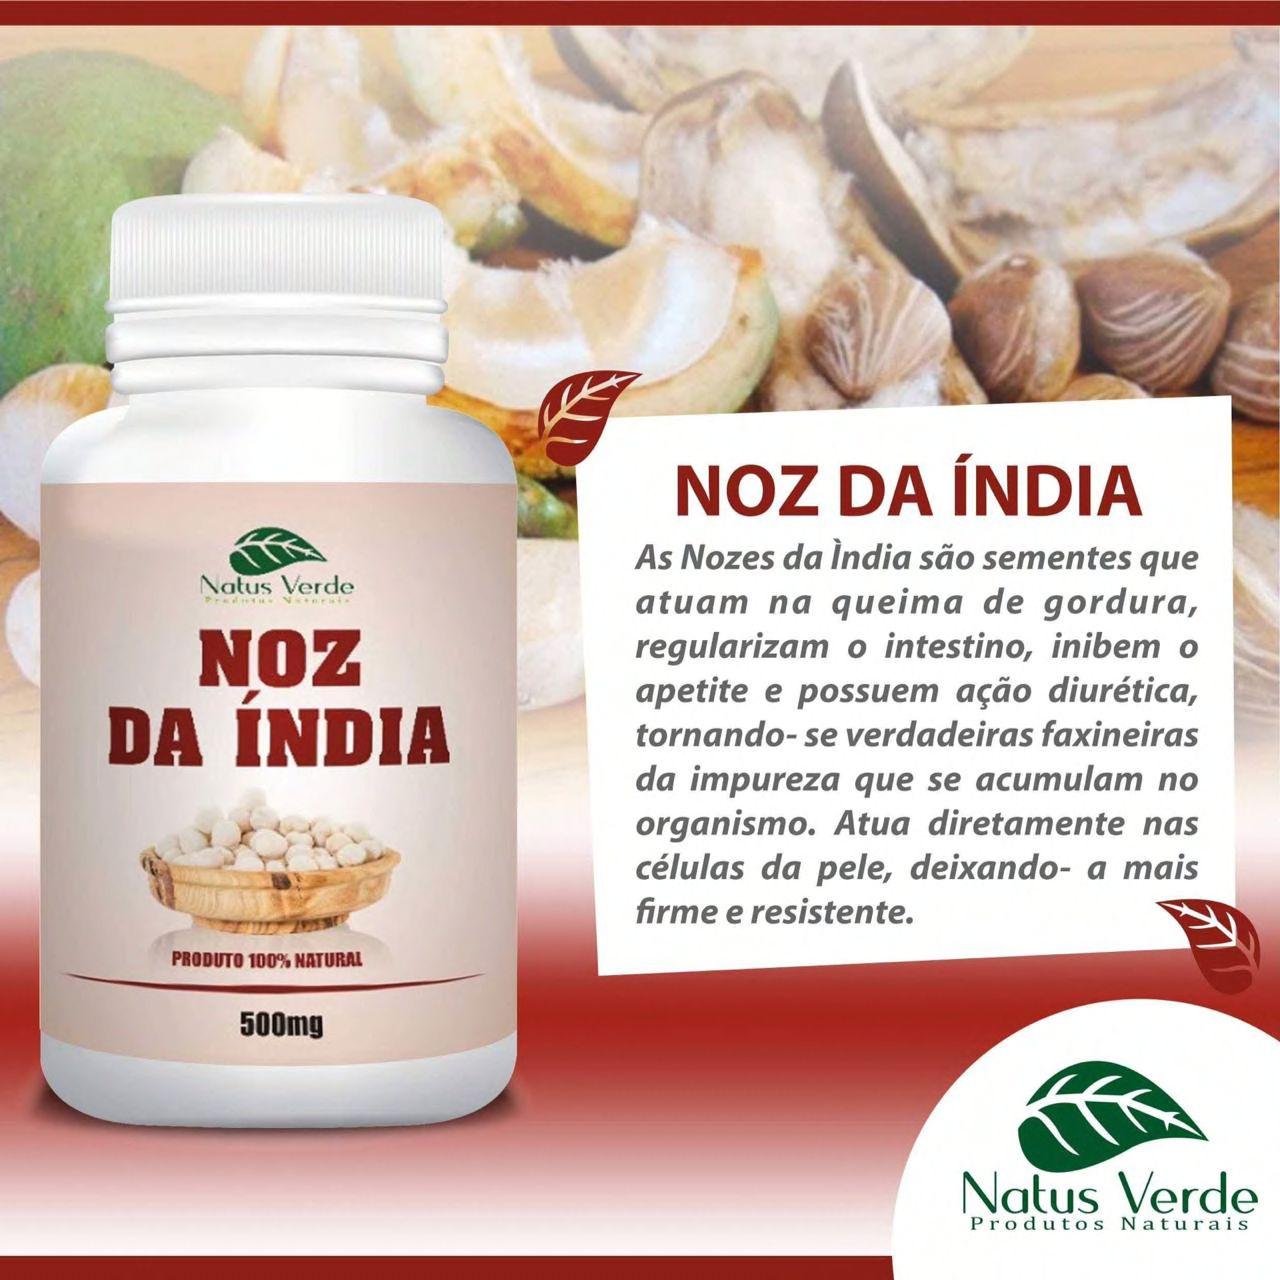 Composto Natural Noz da Índia 60 Caps Natus Verde  - Fribasex - Fabricasex.com